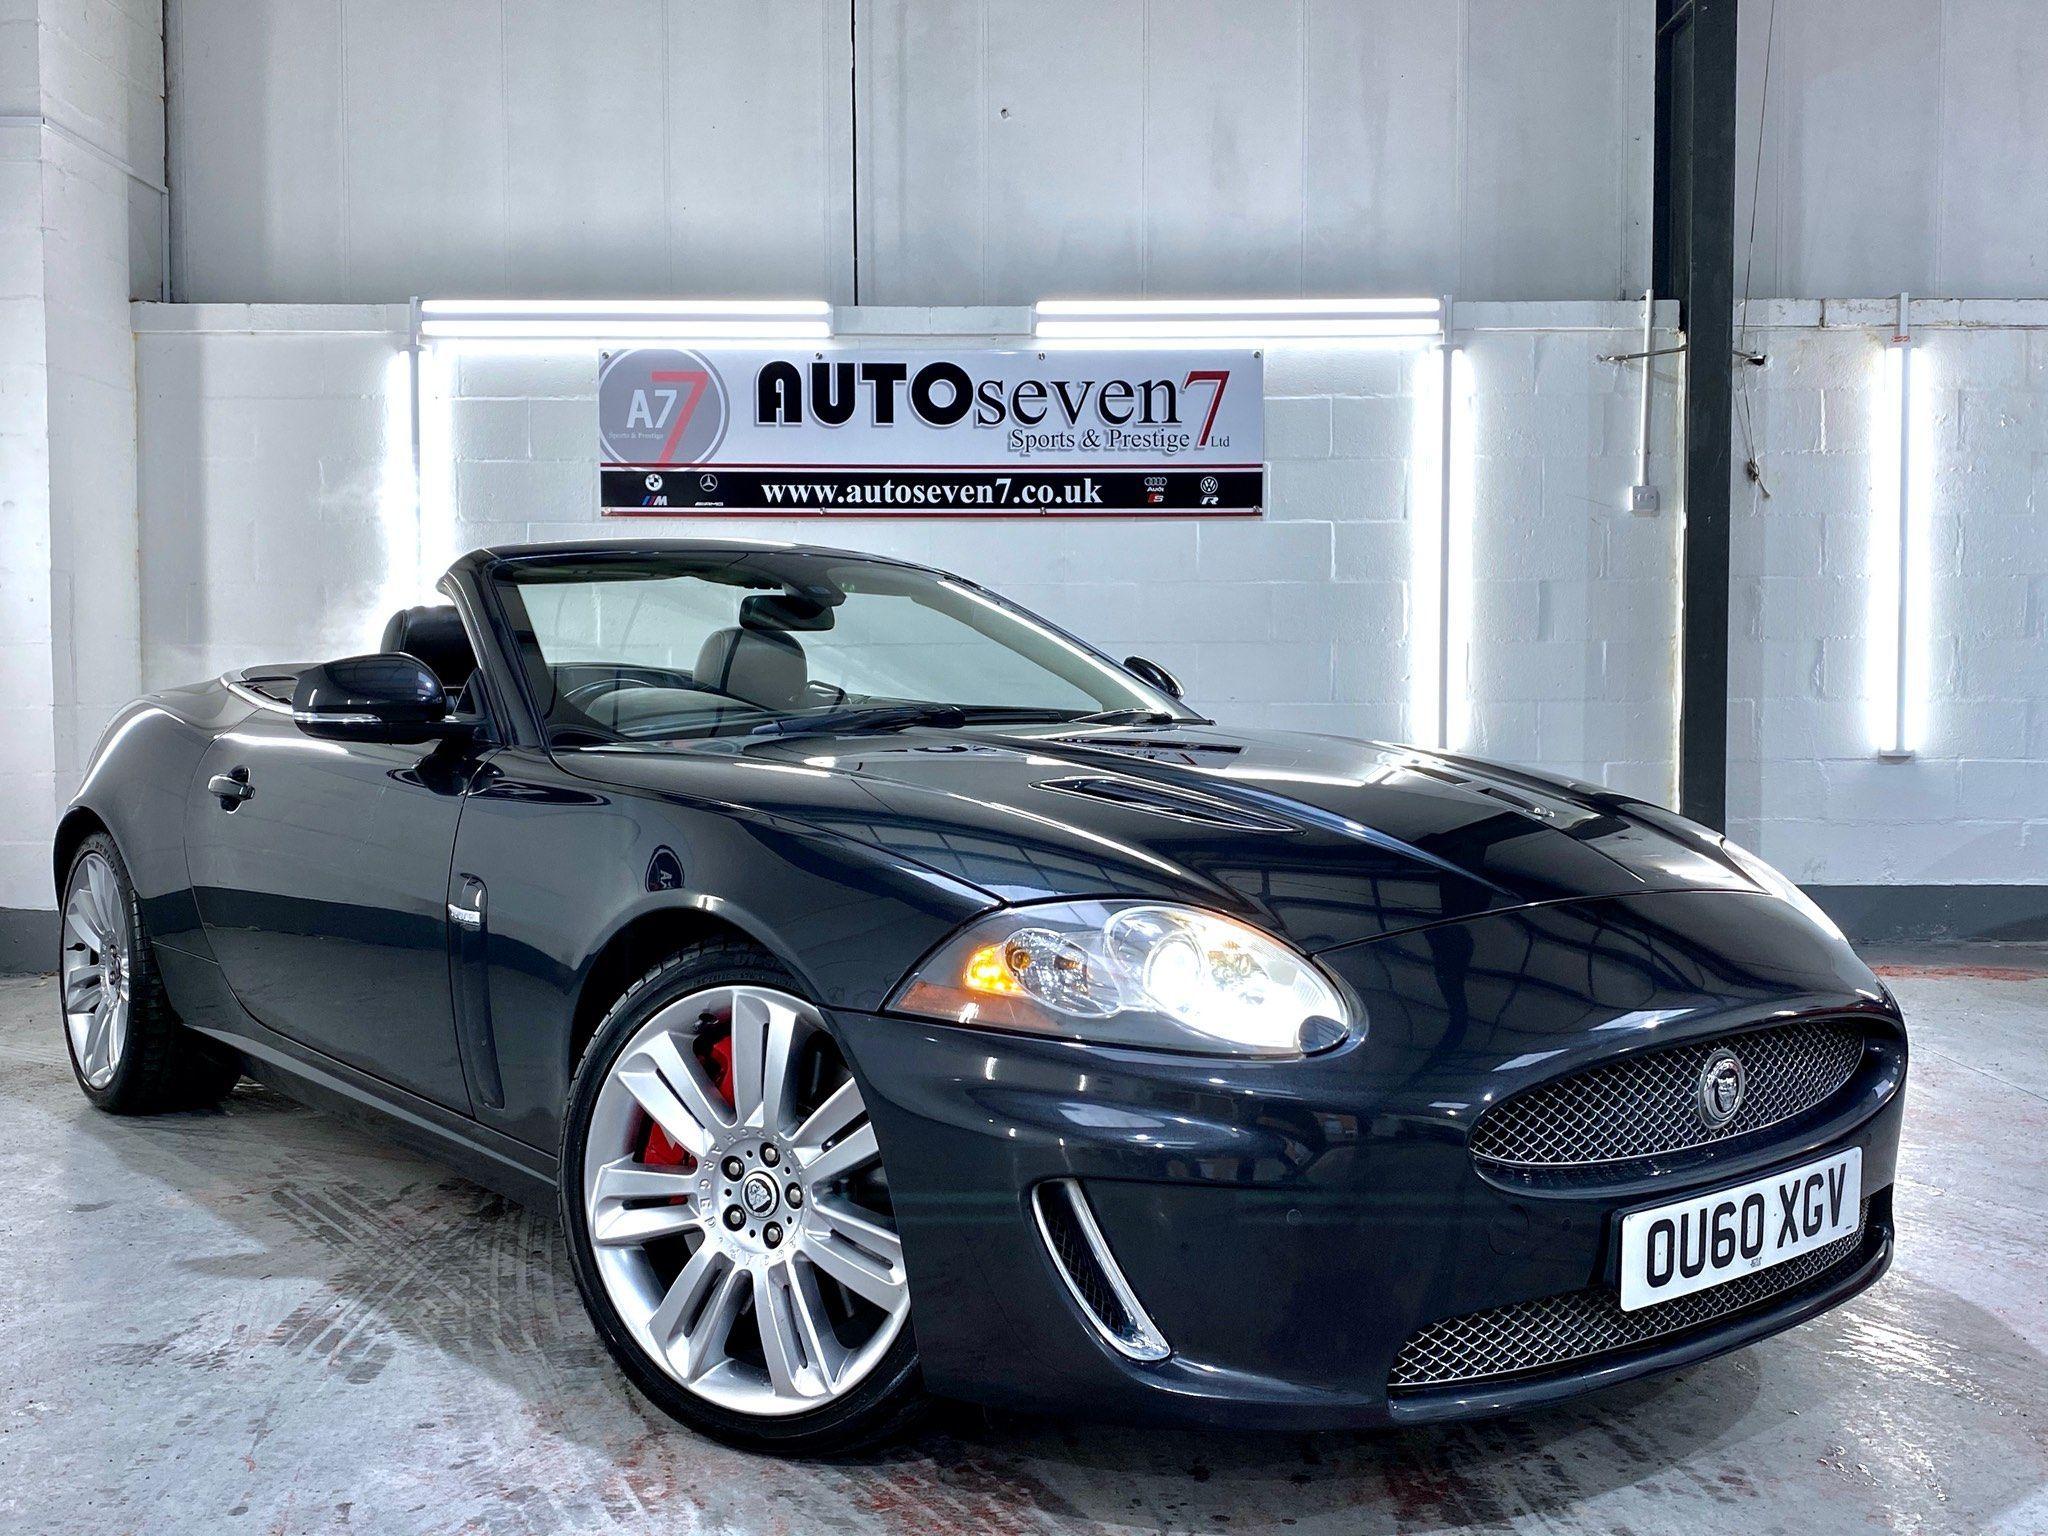 2010 Jaguar Xkr Used Cars For Sale Autotrader Uk